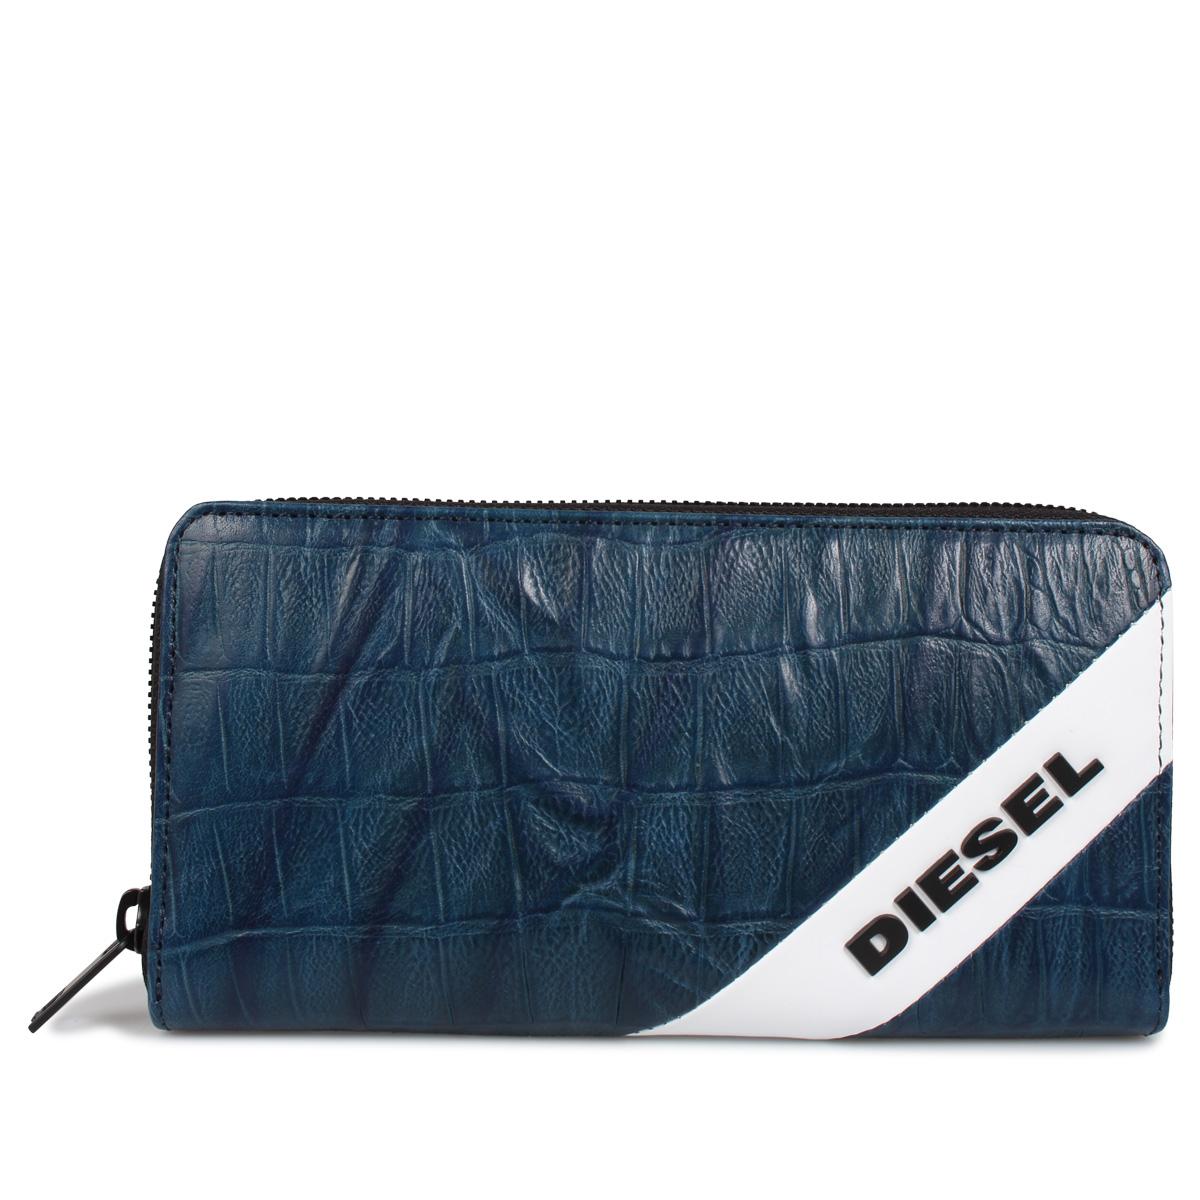 DIESEL 24ZIP ディーゼル 財布 長財布 メンズ ラウンドファスナー ネイビー X06632-PR958